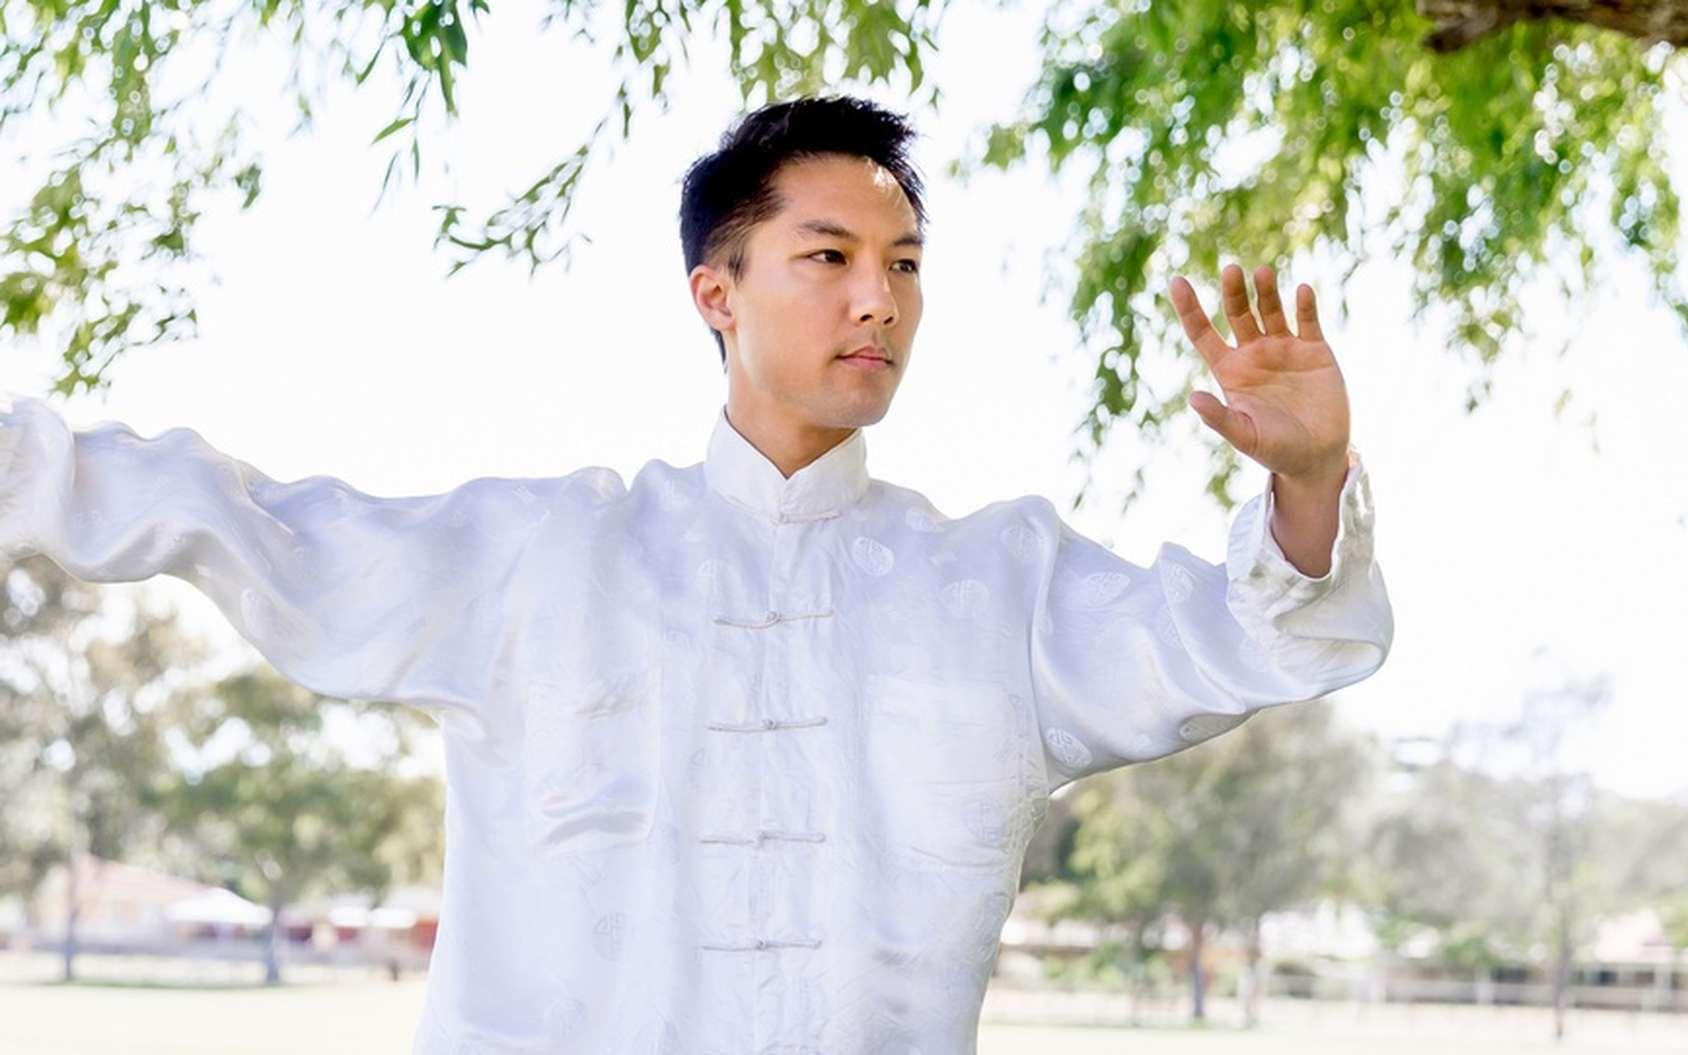 La pratique du tai-chi, une gymnastique douce d'origine chinoise avec des gestes lents, invite à la méditation. © Sergey Nivens, Fotolia